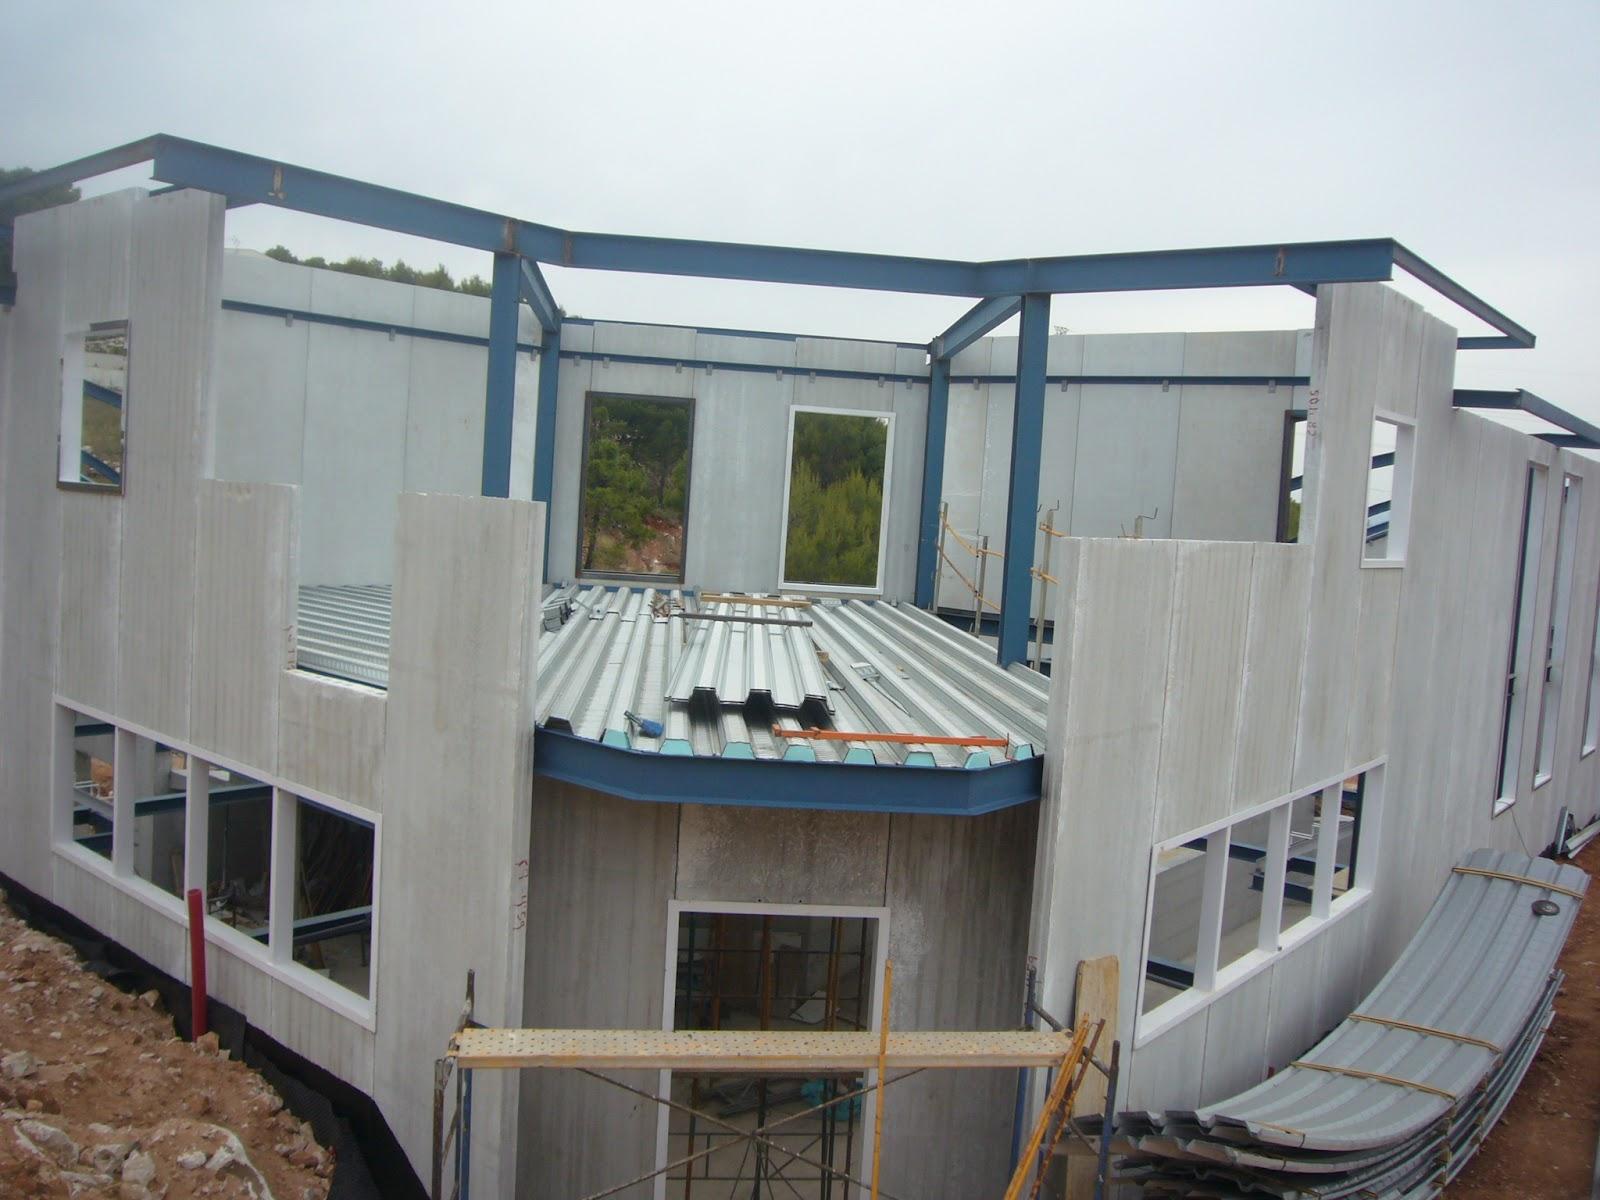 Arquisurlauro vivienda diferentes fotos del proceso de - Estructura metalica vivienda ...